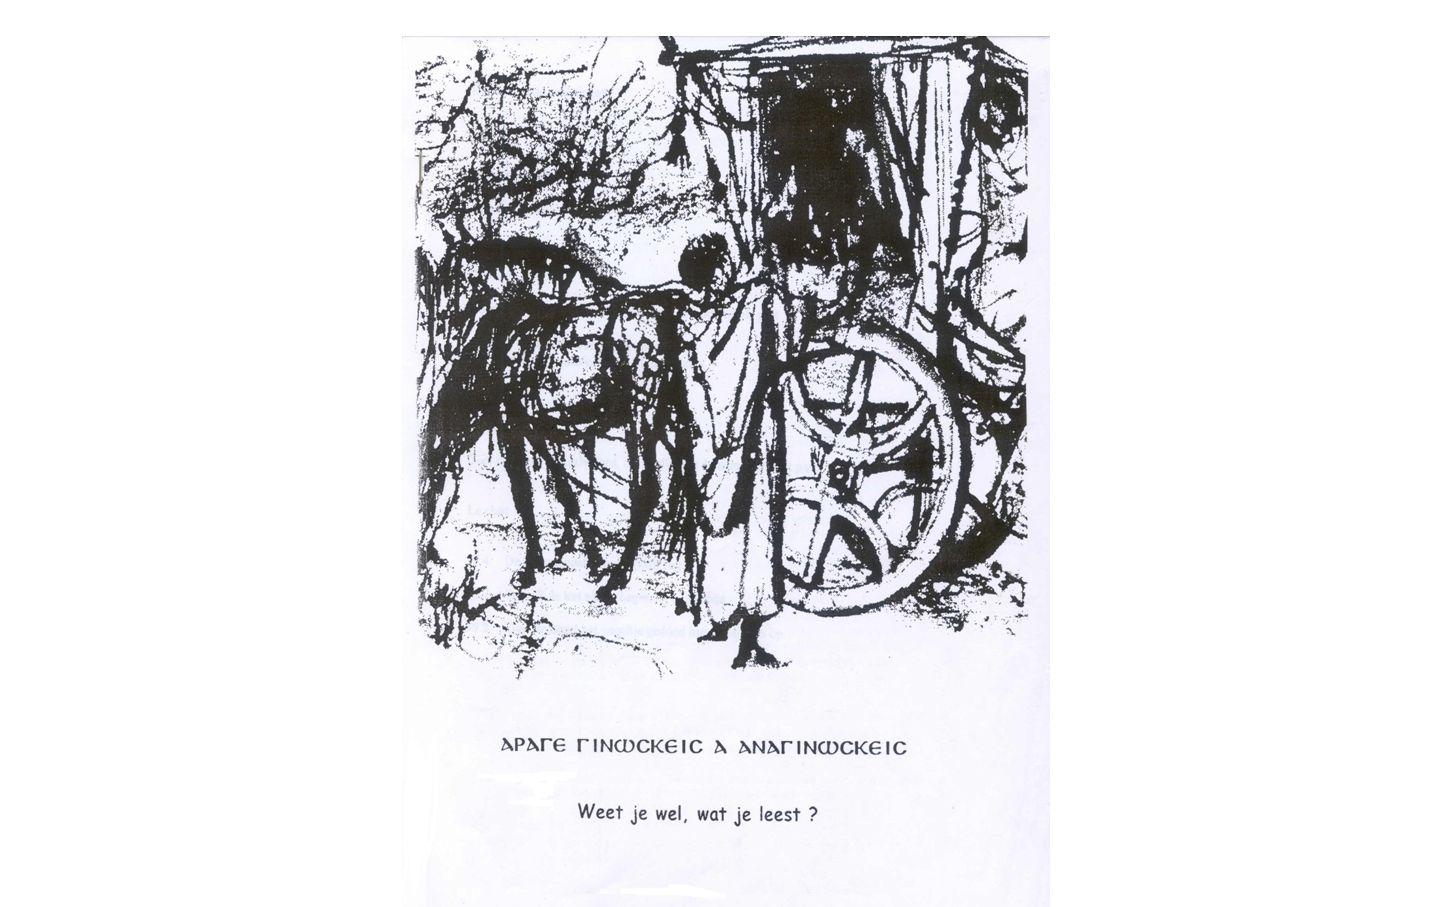 Koenen, Verklarend Handwoordenboek, 1966 eeuwigheid : duur zonder aanvang of einde.